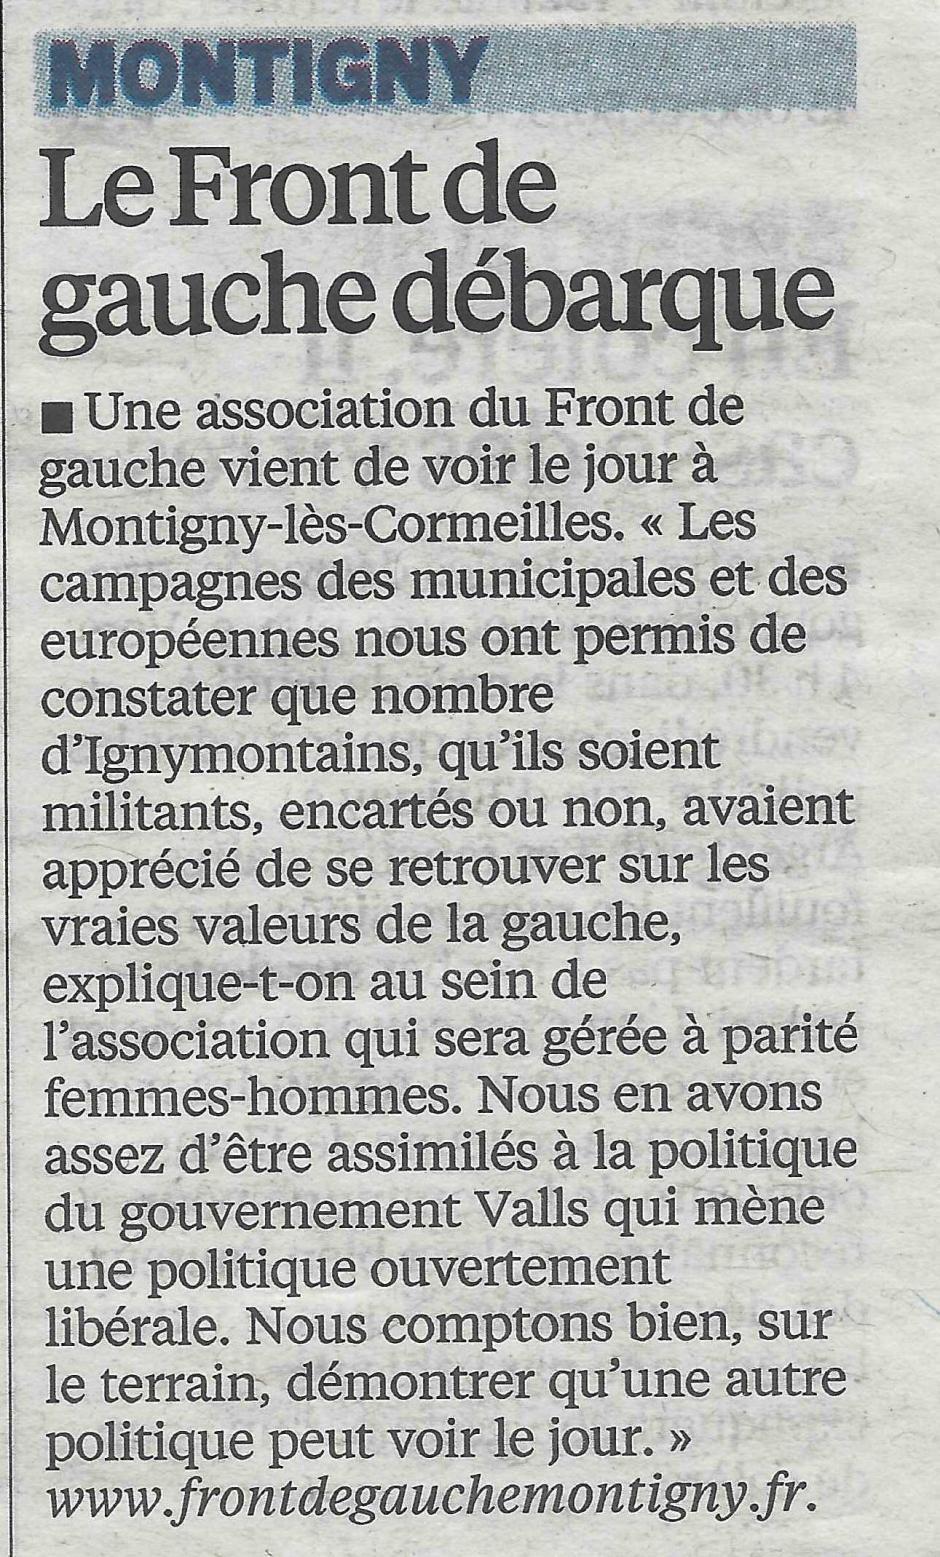 Le Parisien du 31 octobre Création d'une association Front de gauche à Montigny